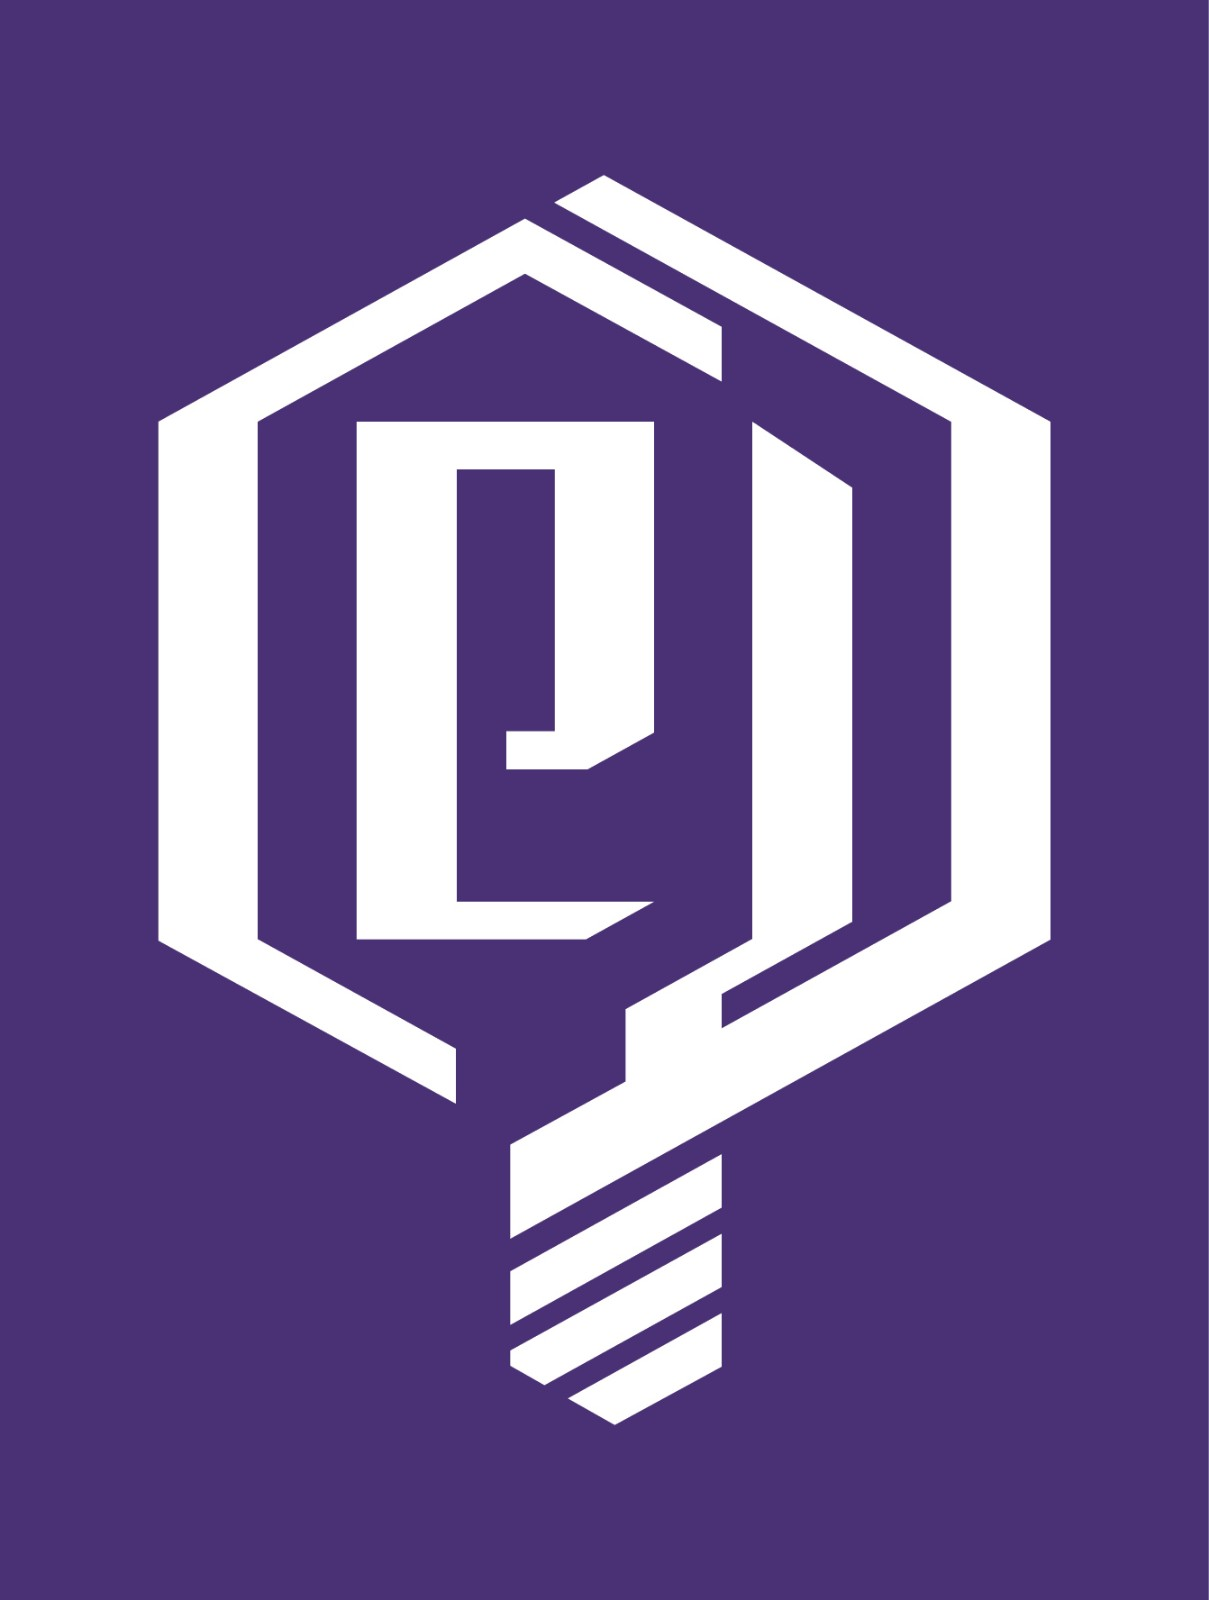 logo 标识 标志 设计 矢量 矢量图 素材 图标 1209_1600 竖版 竖屏